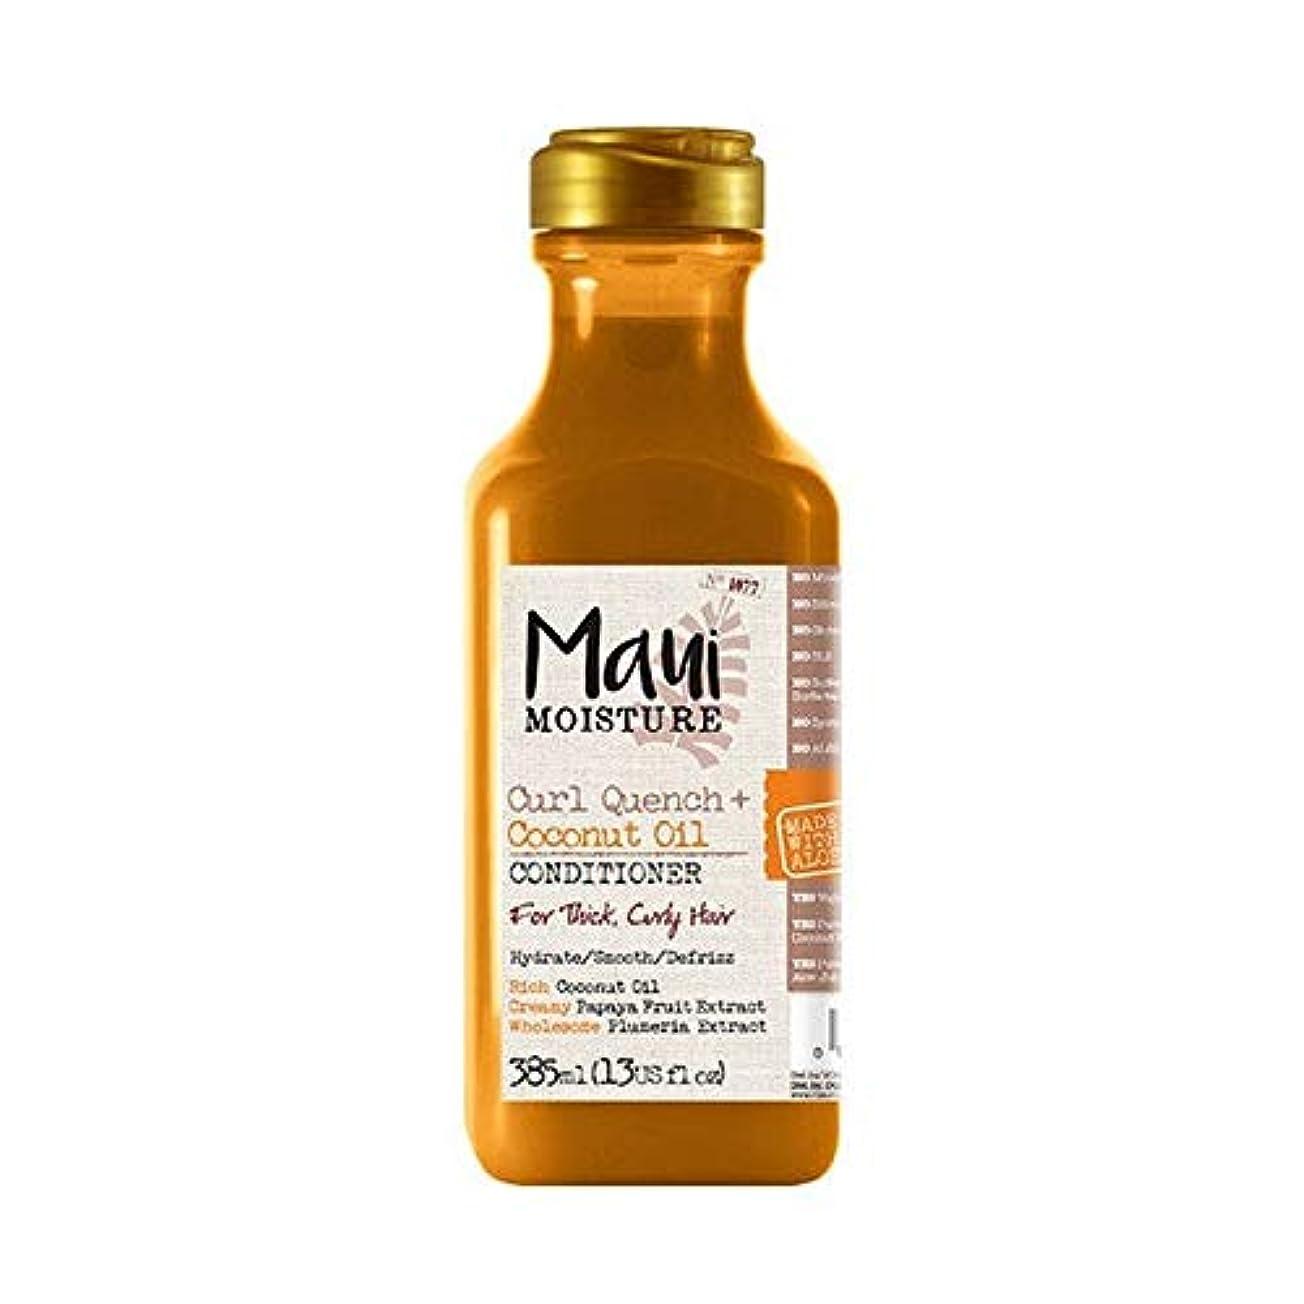 呼び起こす逆やがて[Maui Moisture ] マウイ水分カールクエンチ+ココナッツオイルコンディショナー - Maui Moisture Curl Quench + Coconut Oil Conditioner [並行輸入品]